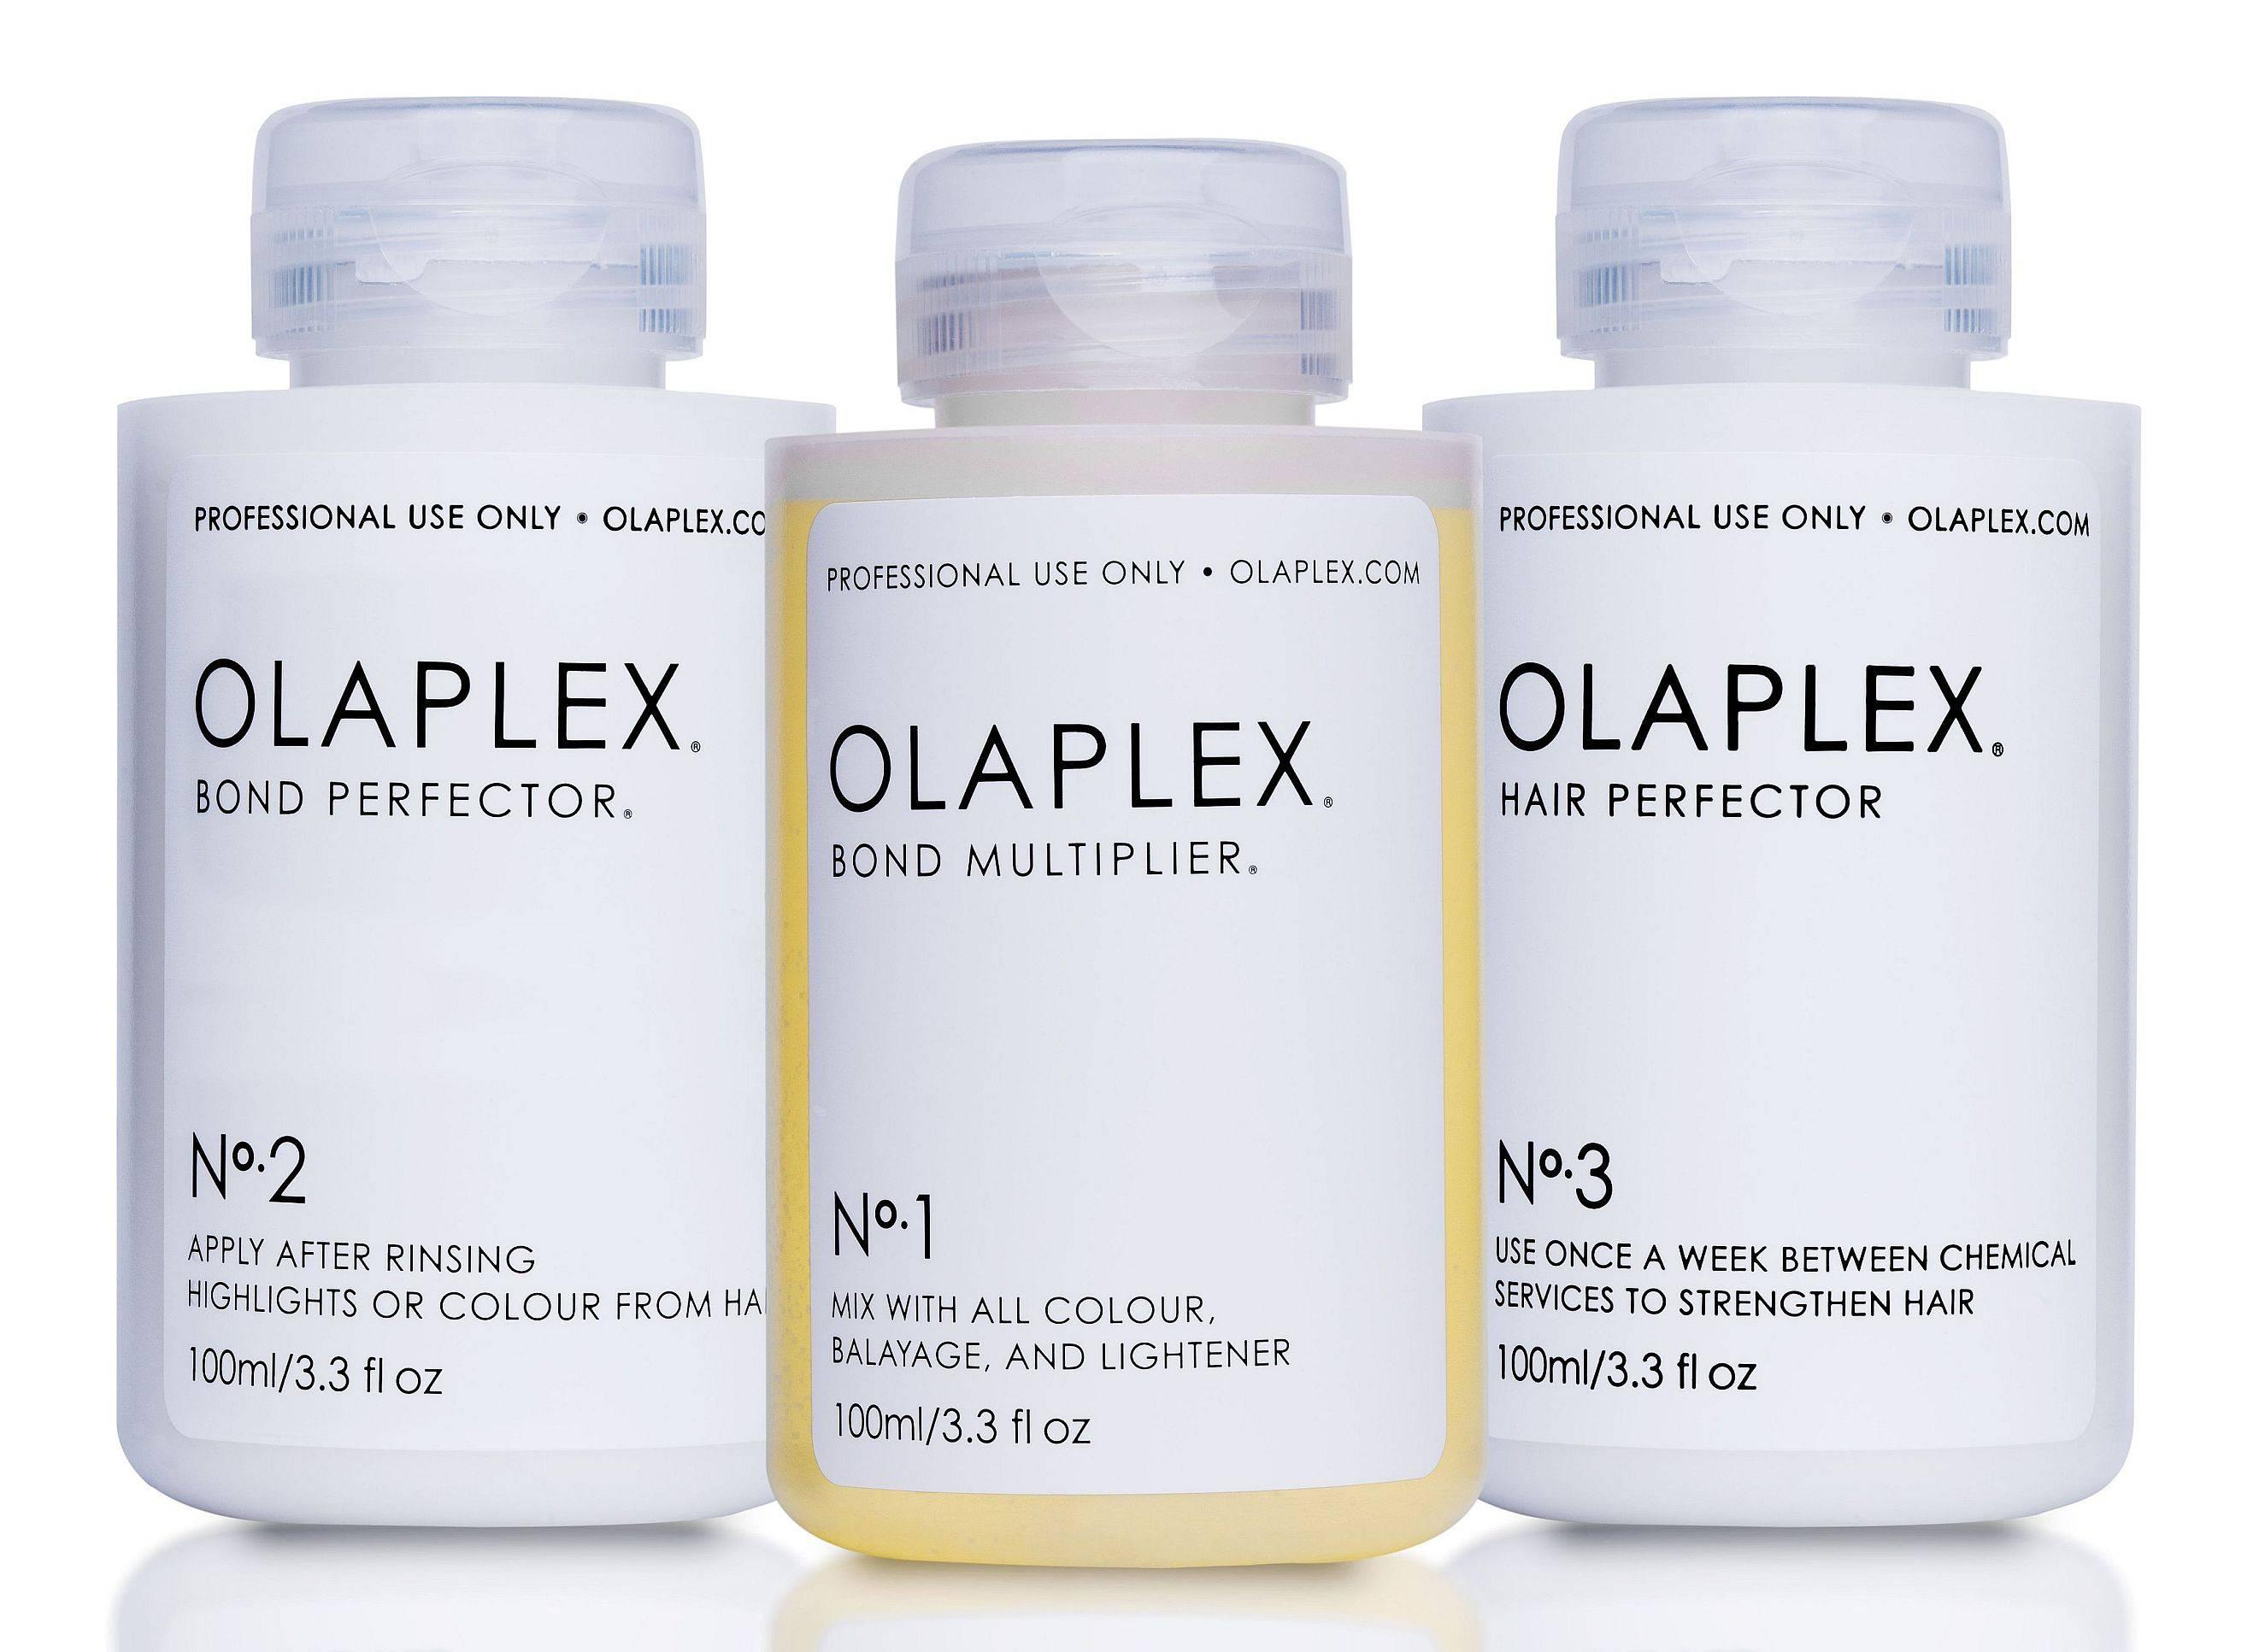 olaplex flaschen nummer 1, 2 und 3